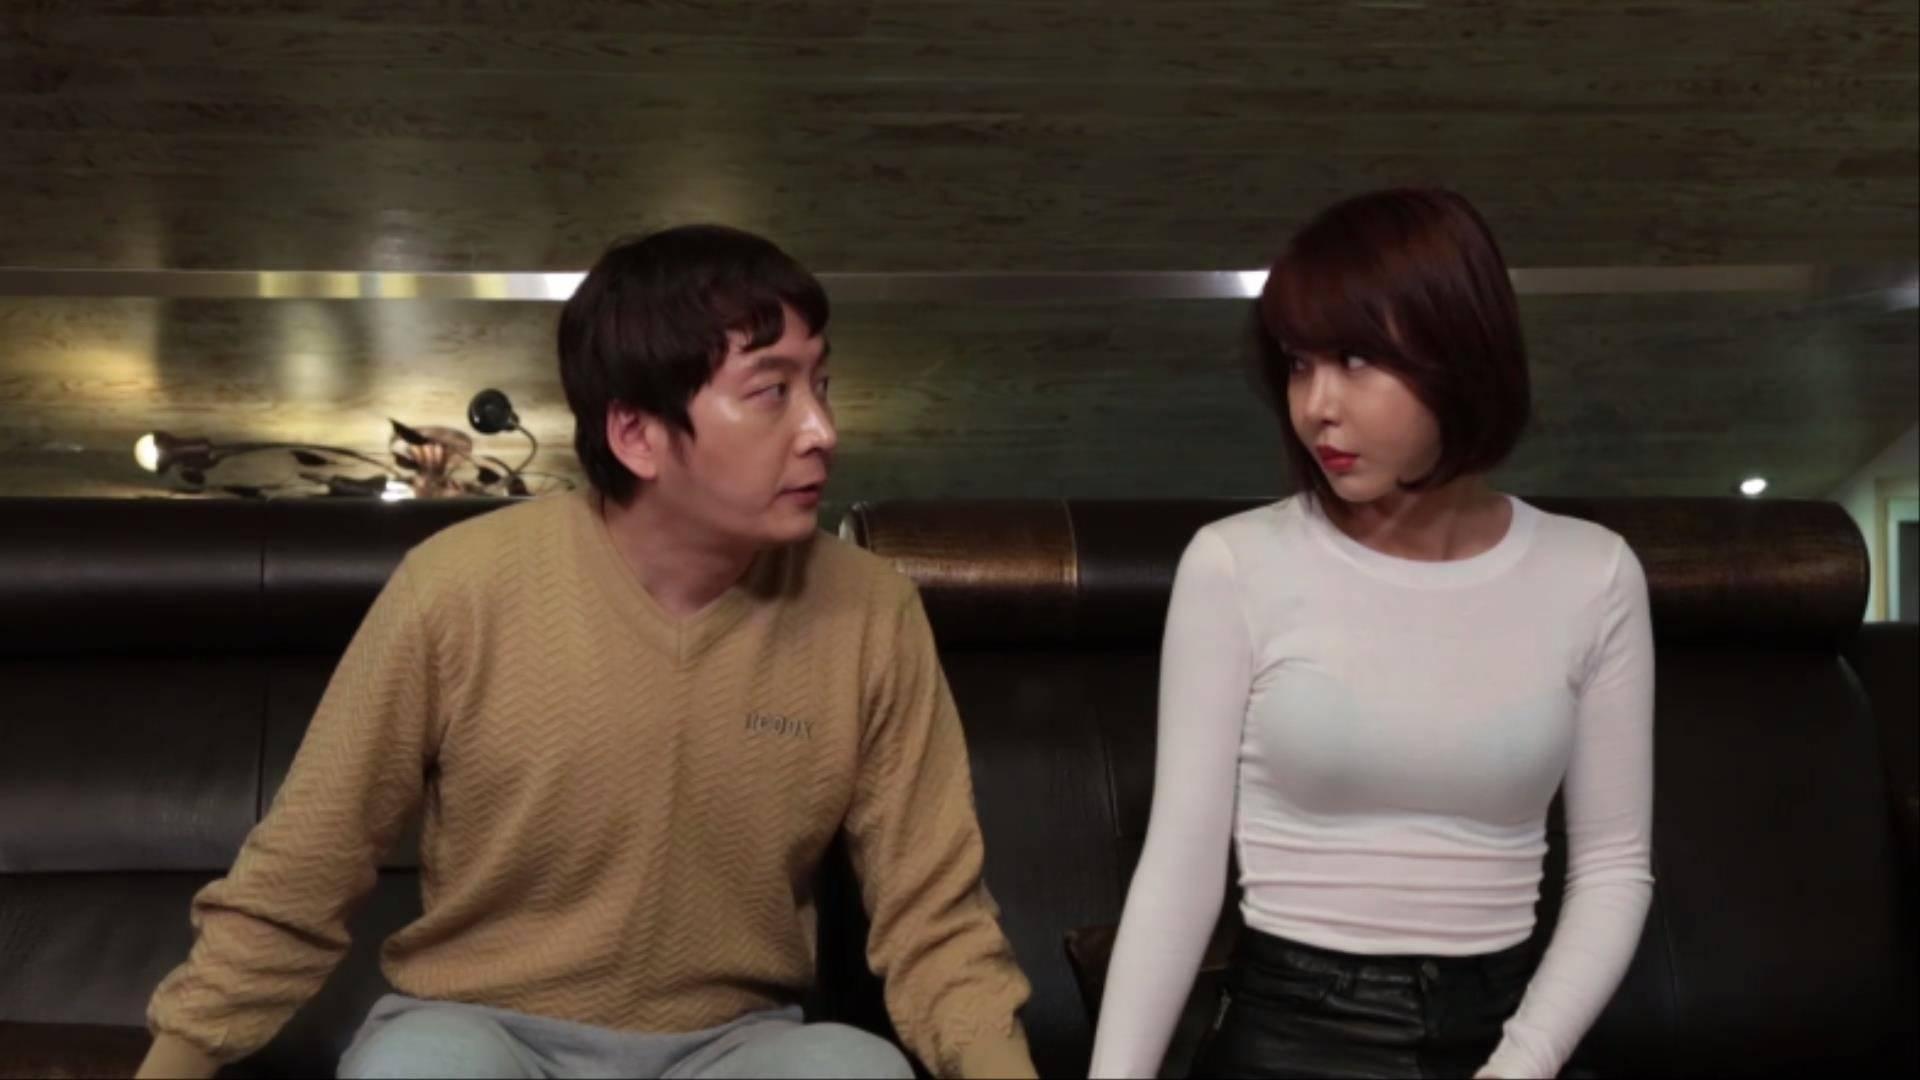 An Affair : My Wifes Friend Cast (Korean Movie - 2018